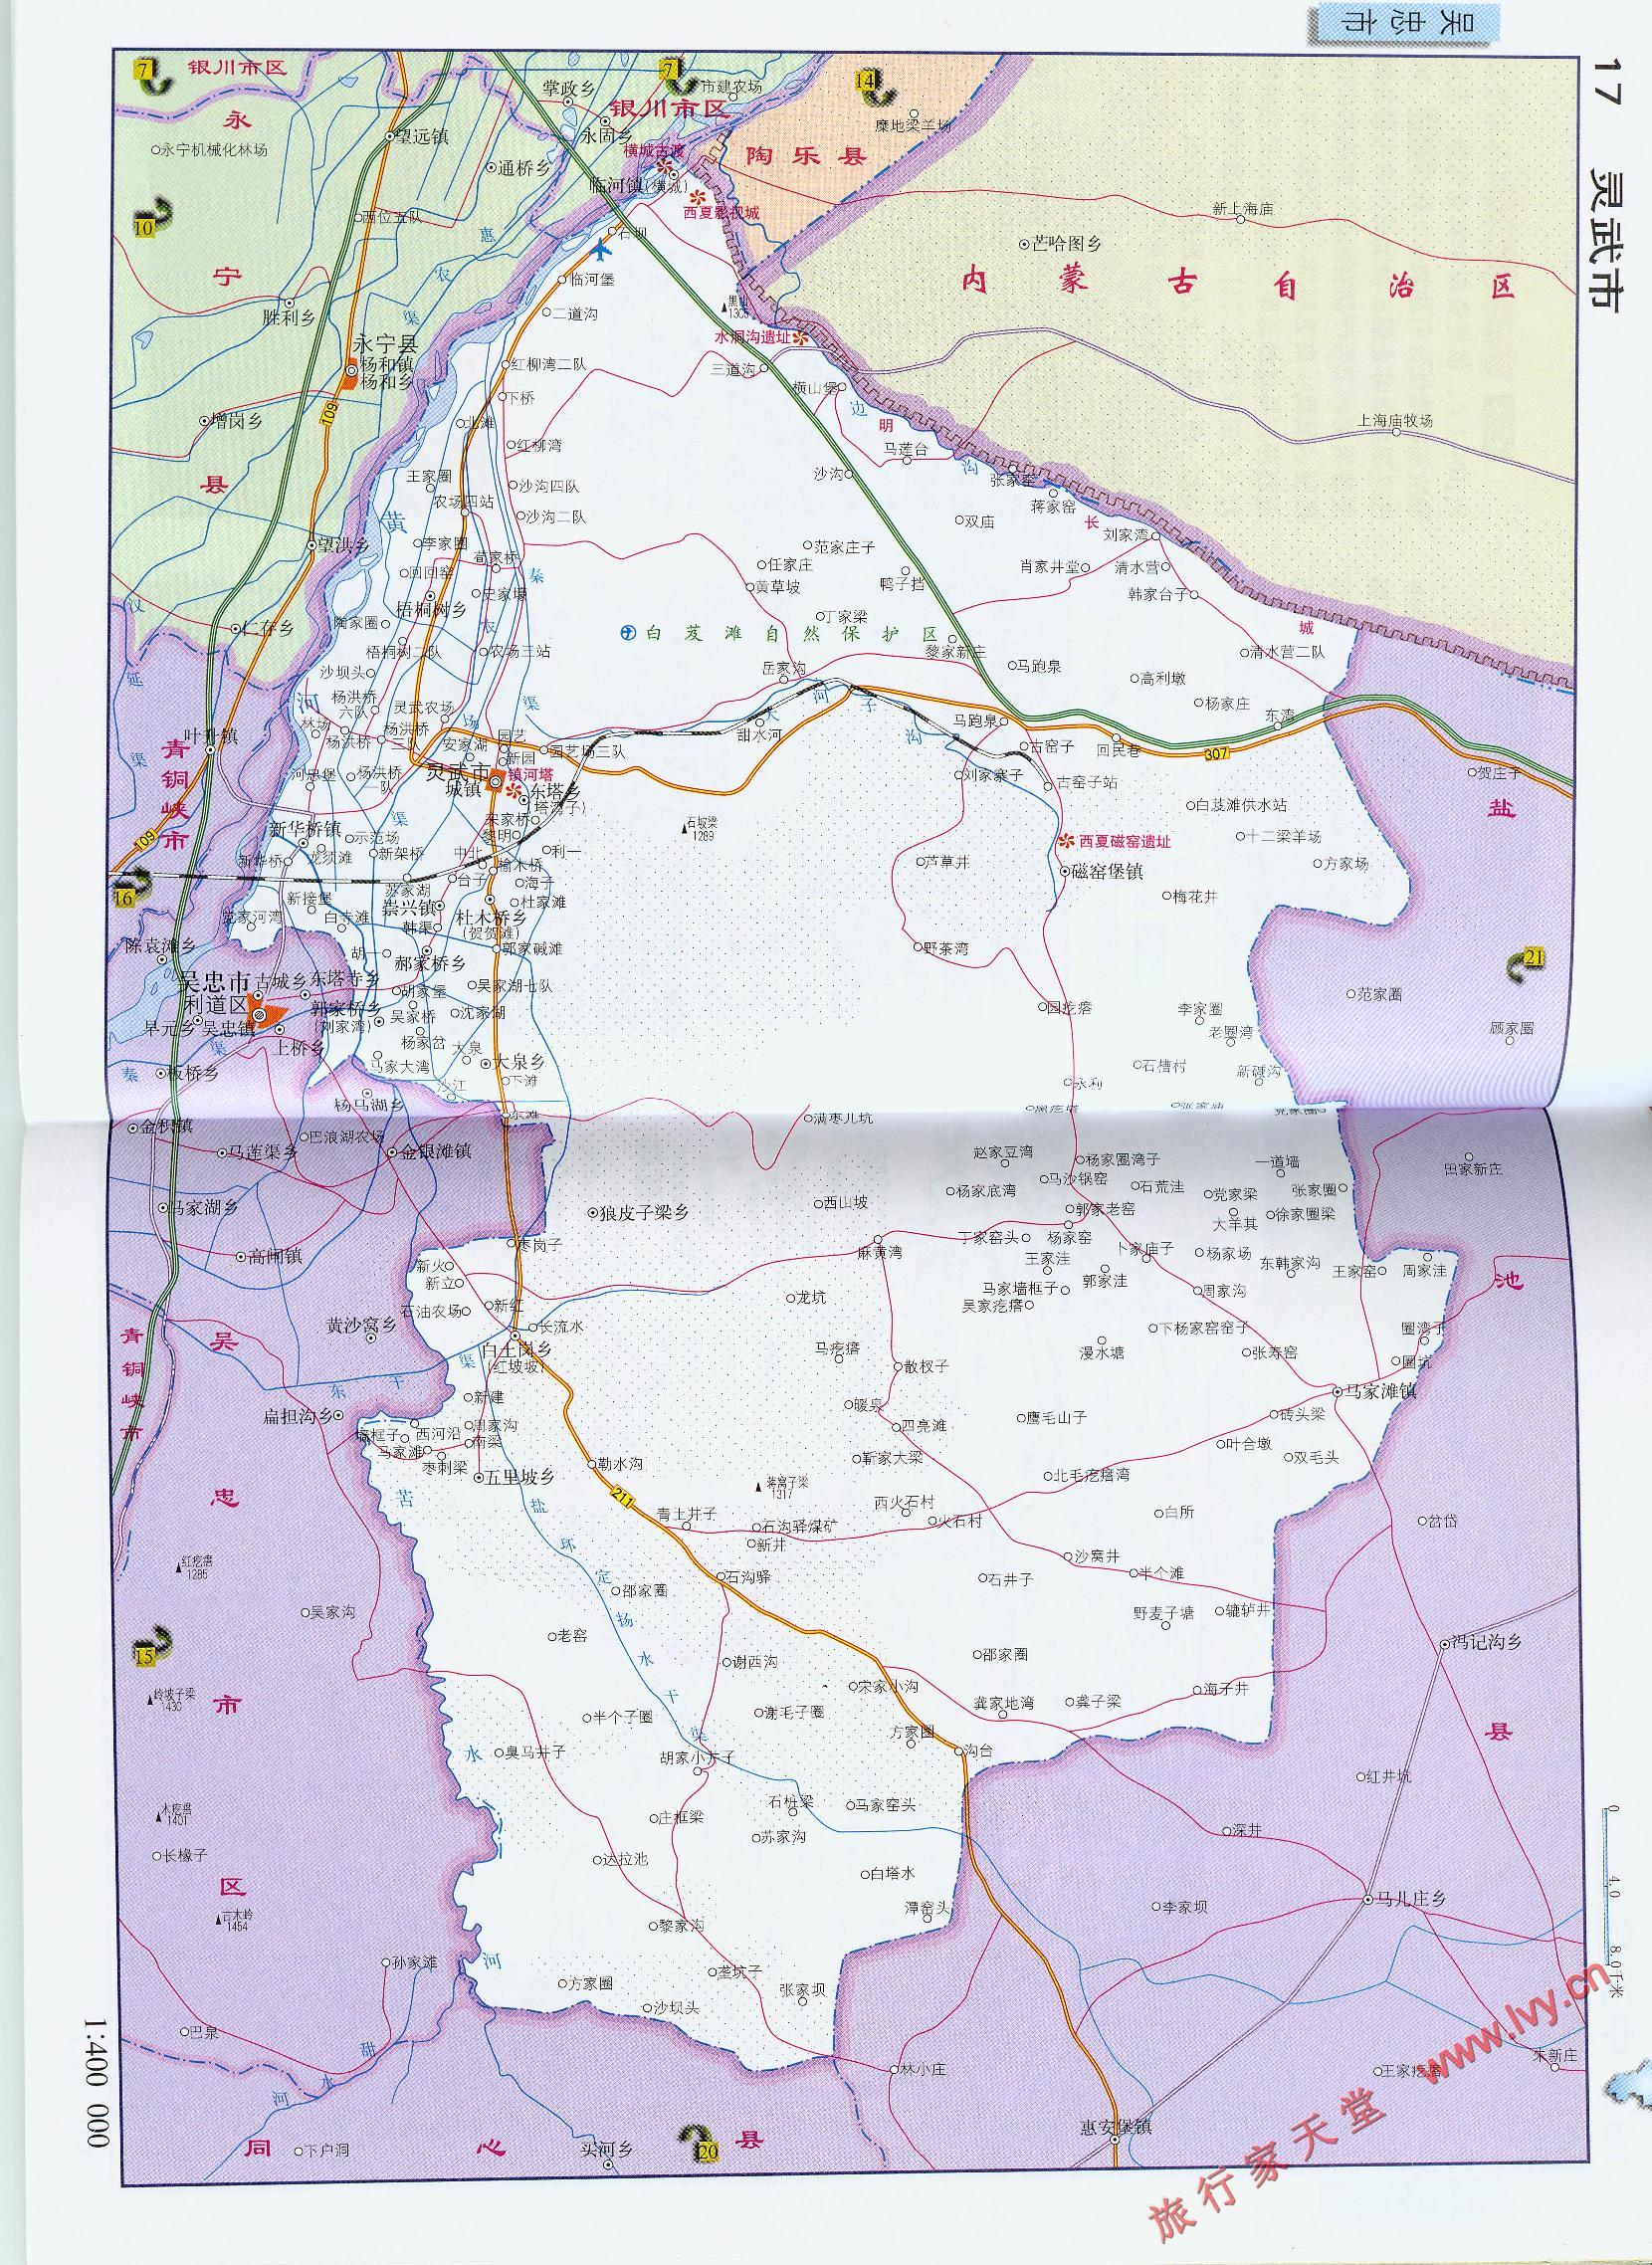 灵武市辖区地图